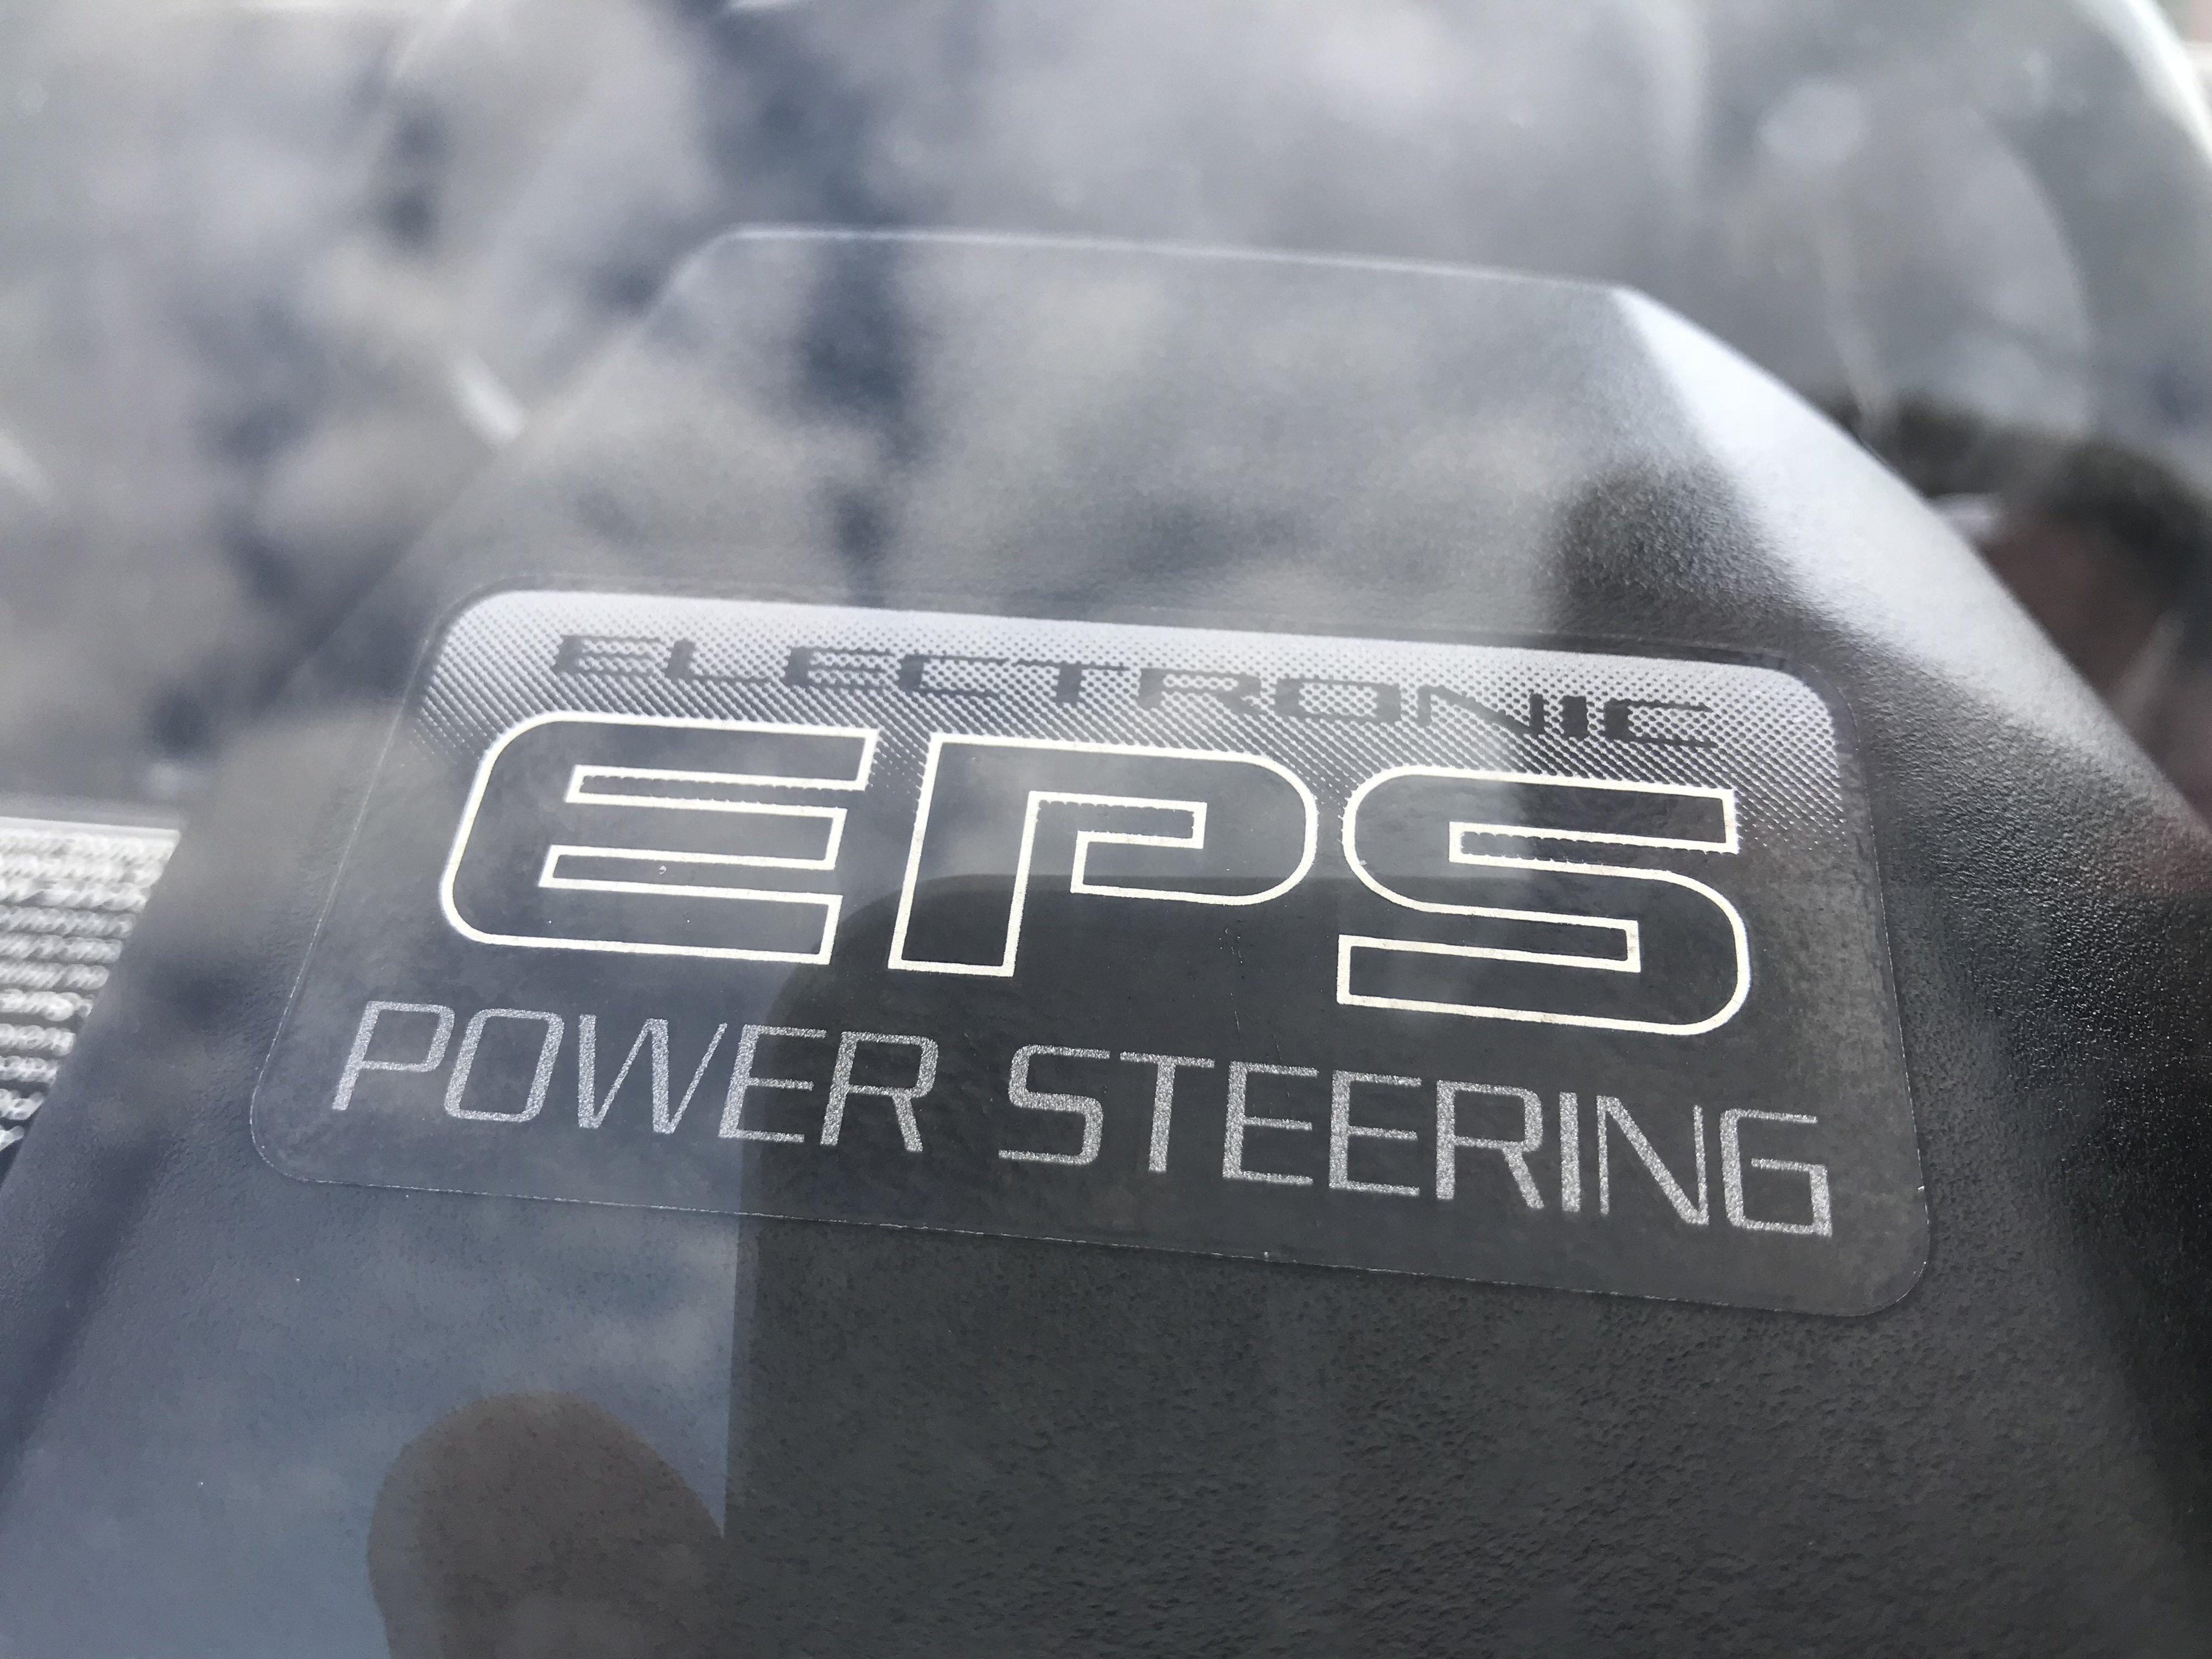 atv utv sxs power steering